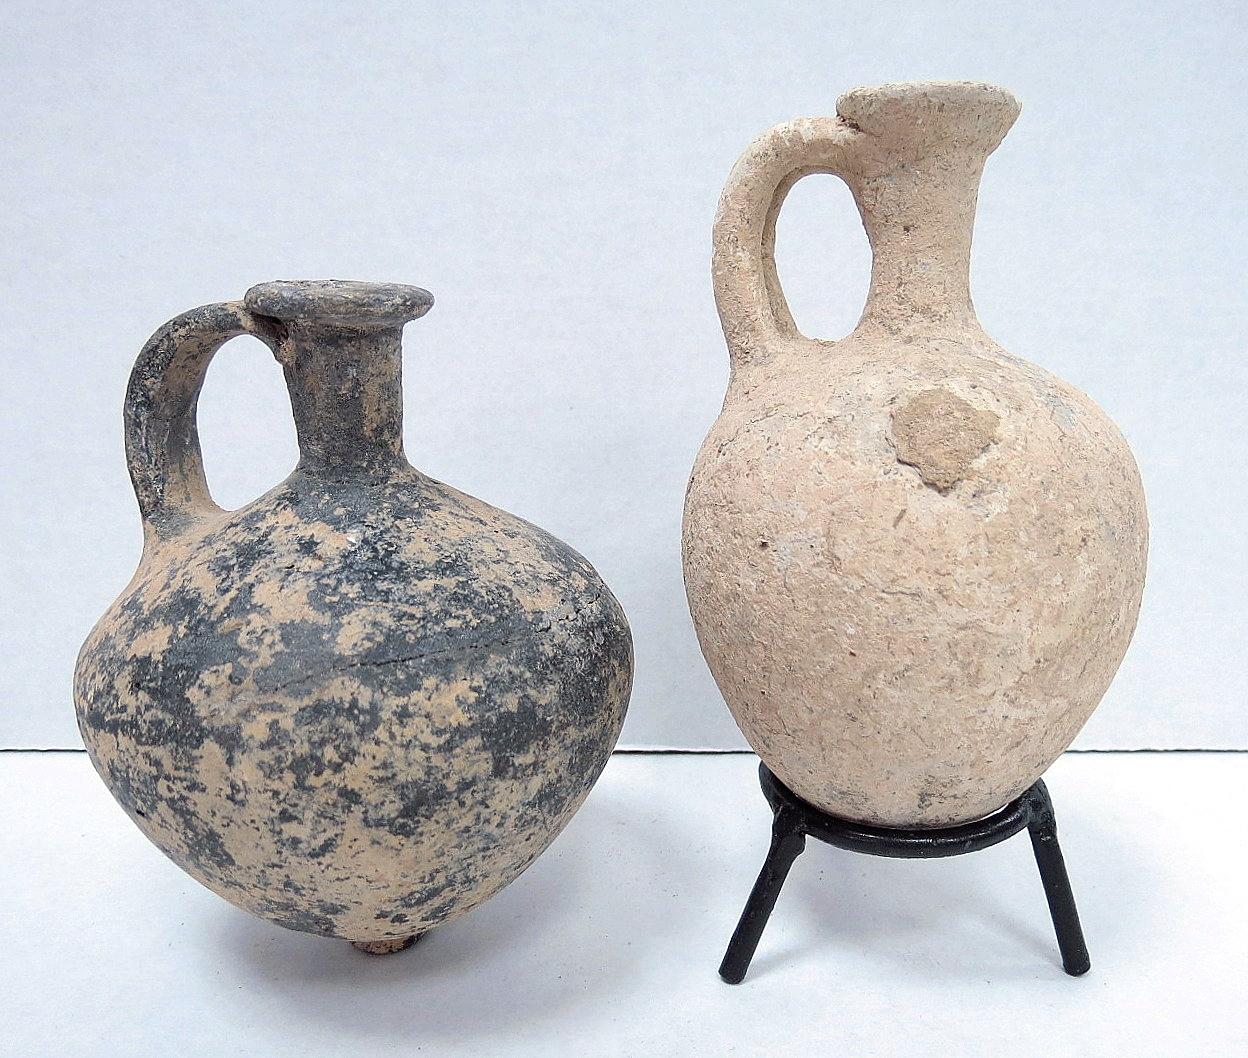 """שתי פכיות קרמיקה: אחת שחורה Amphoriskos, השניה קרמיקה רגילה (עם תיקון קל), תקופת הברונזה התיכונה, 1800 לפנה""""ס, תקופת האבות"""